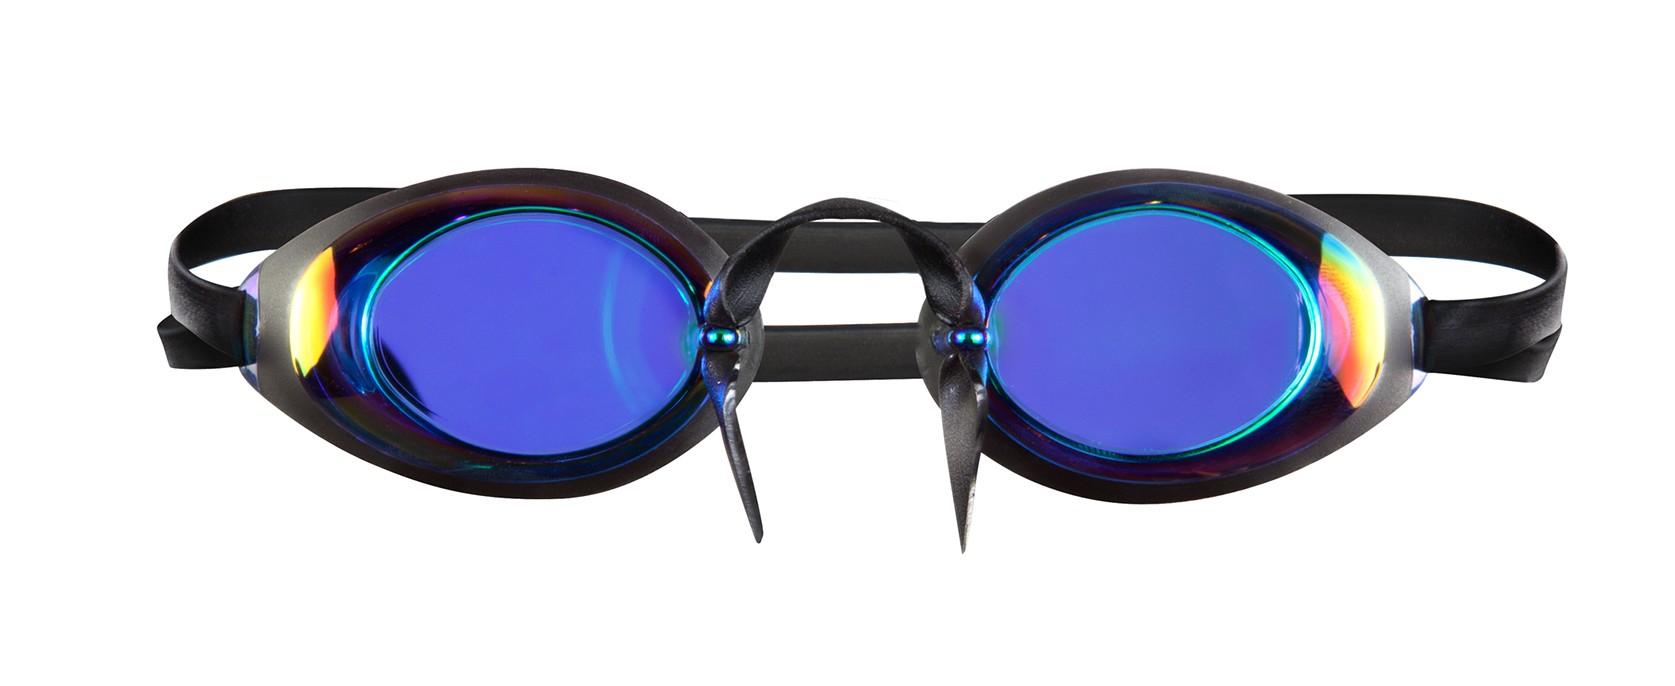 swimming goggles - Clipground